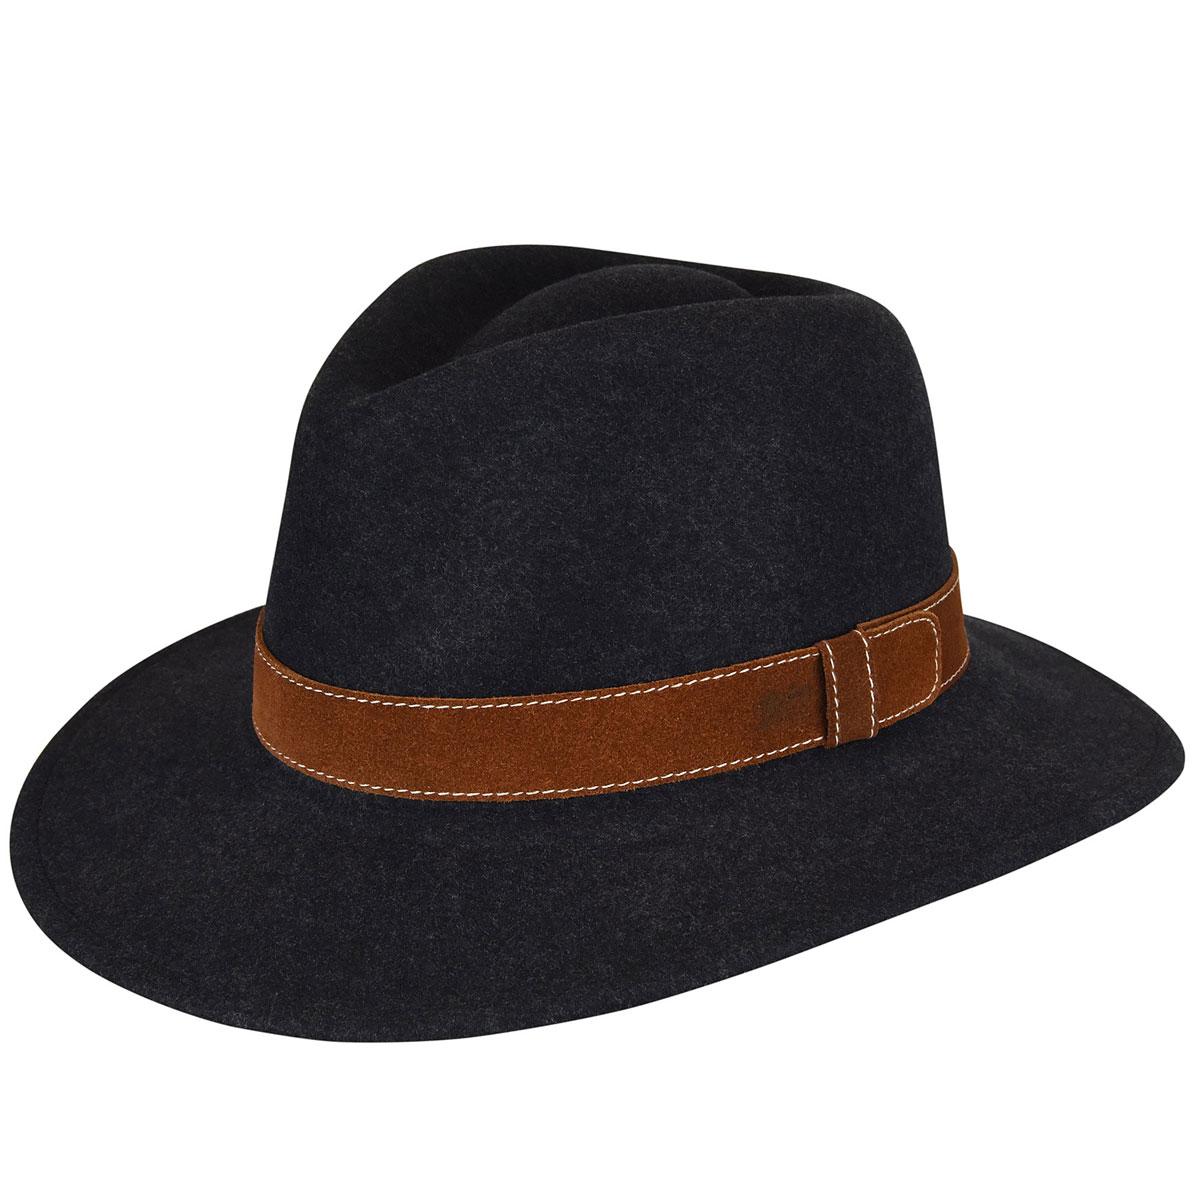 1960s – 70s Style Men's Hats Larden LiteFeltFedora $82.50 AT vintagedancer.com